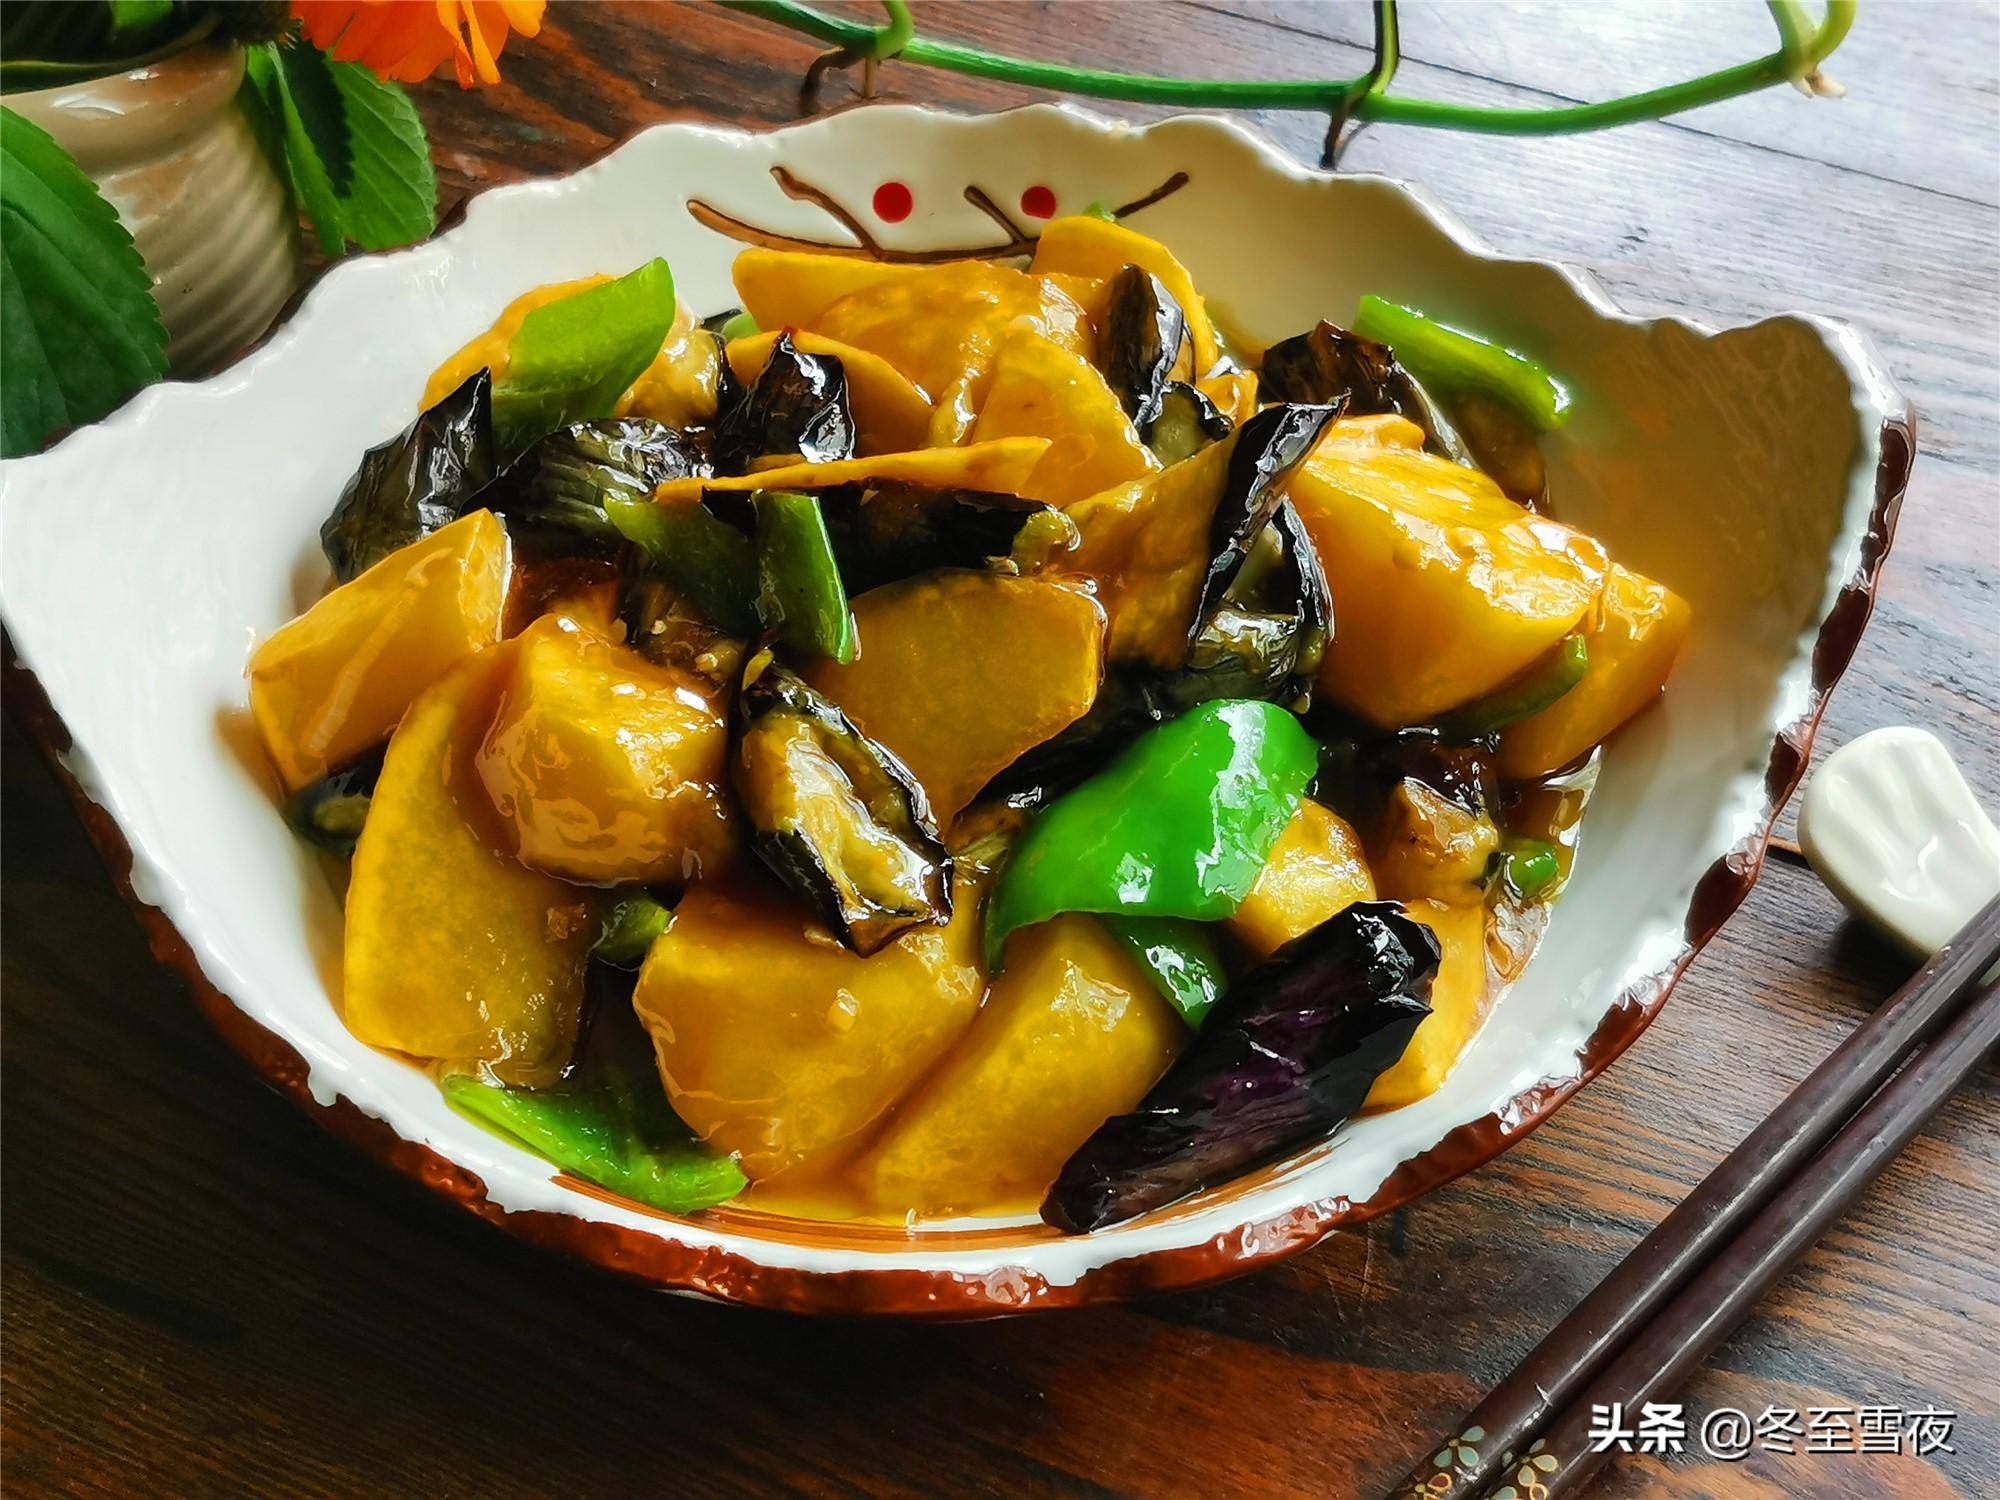 23道东北家常菜,吃了几十年都不腻,东北人都不一定全吃过 东北菜谱 第3张